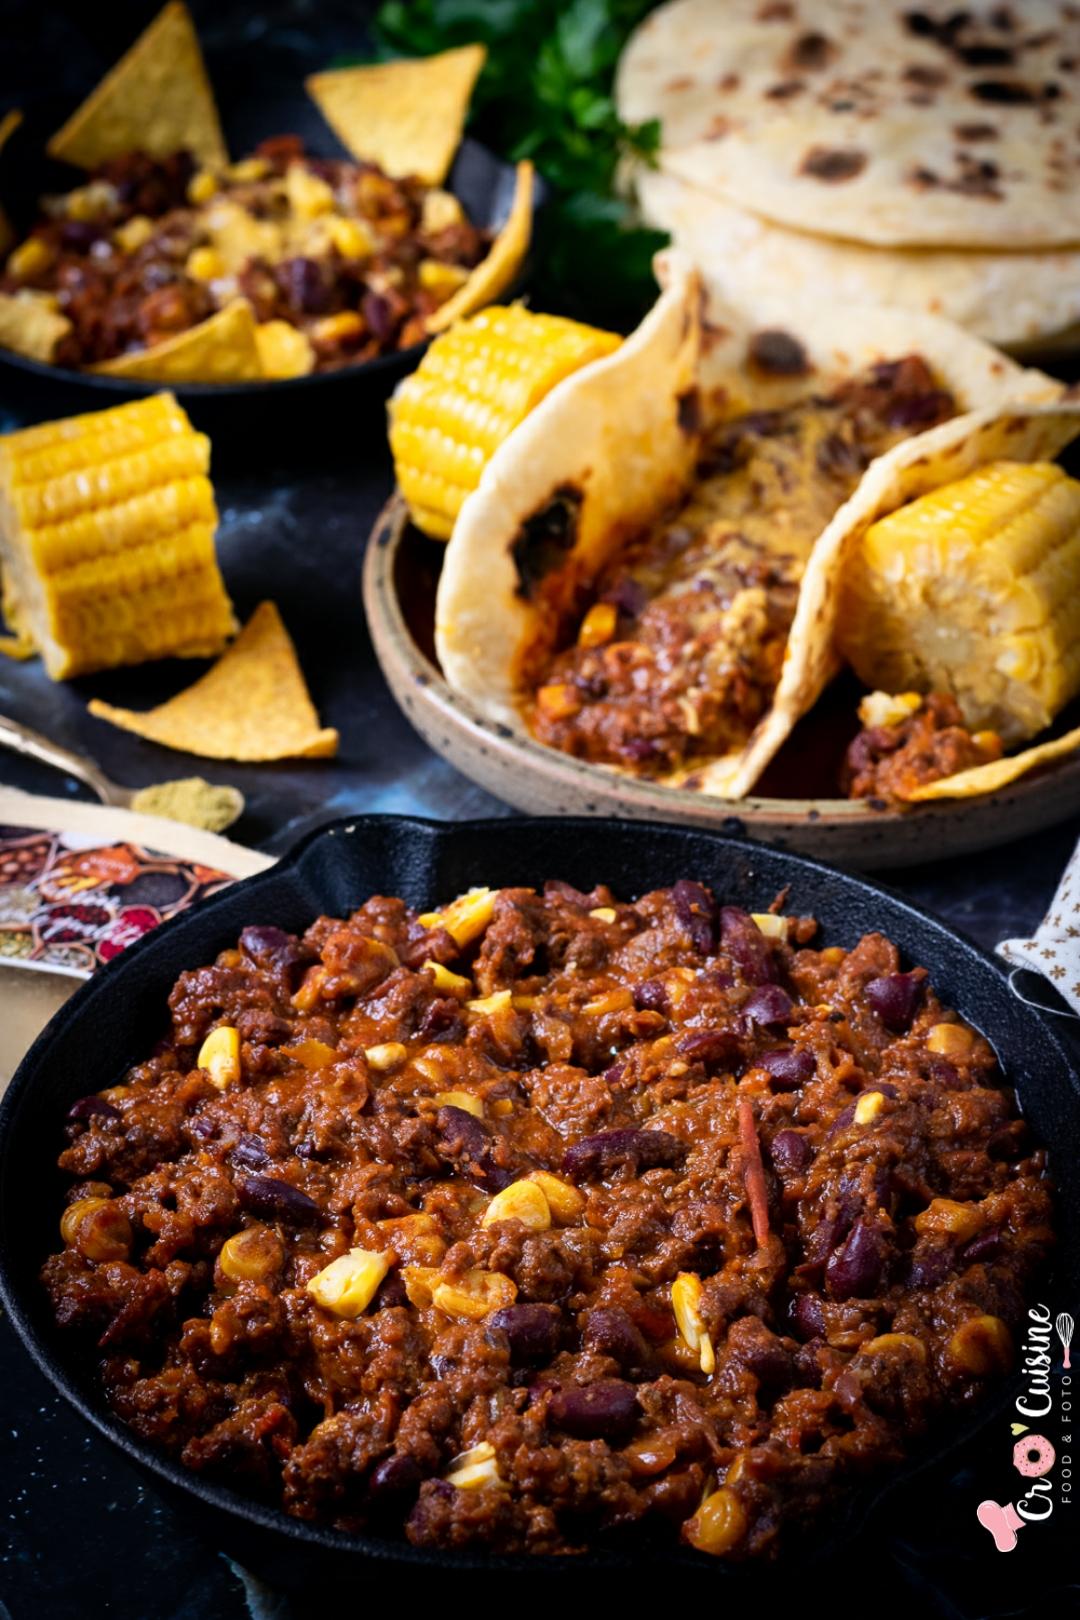 Un délicieux chili corn carne texane pour faire voyager vos convives à table. Idéal pour un thème tex-mex réussi